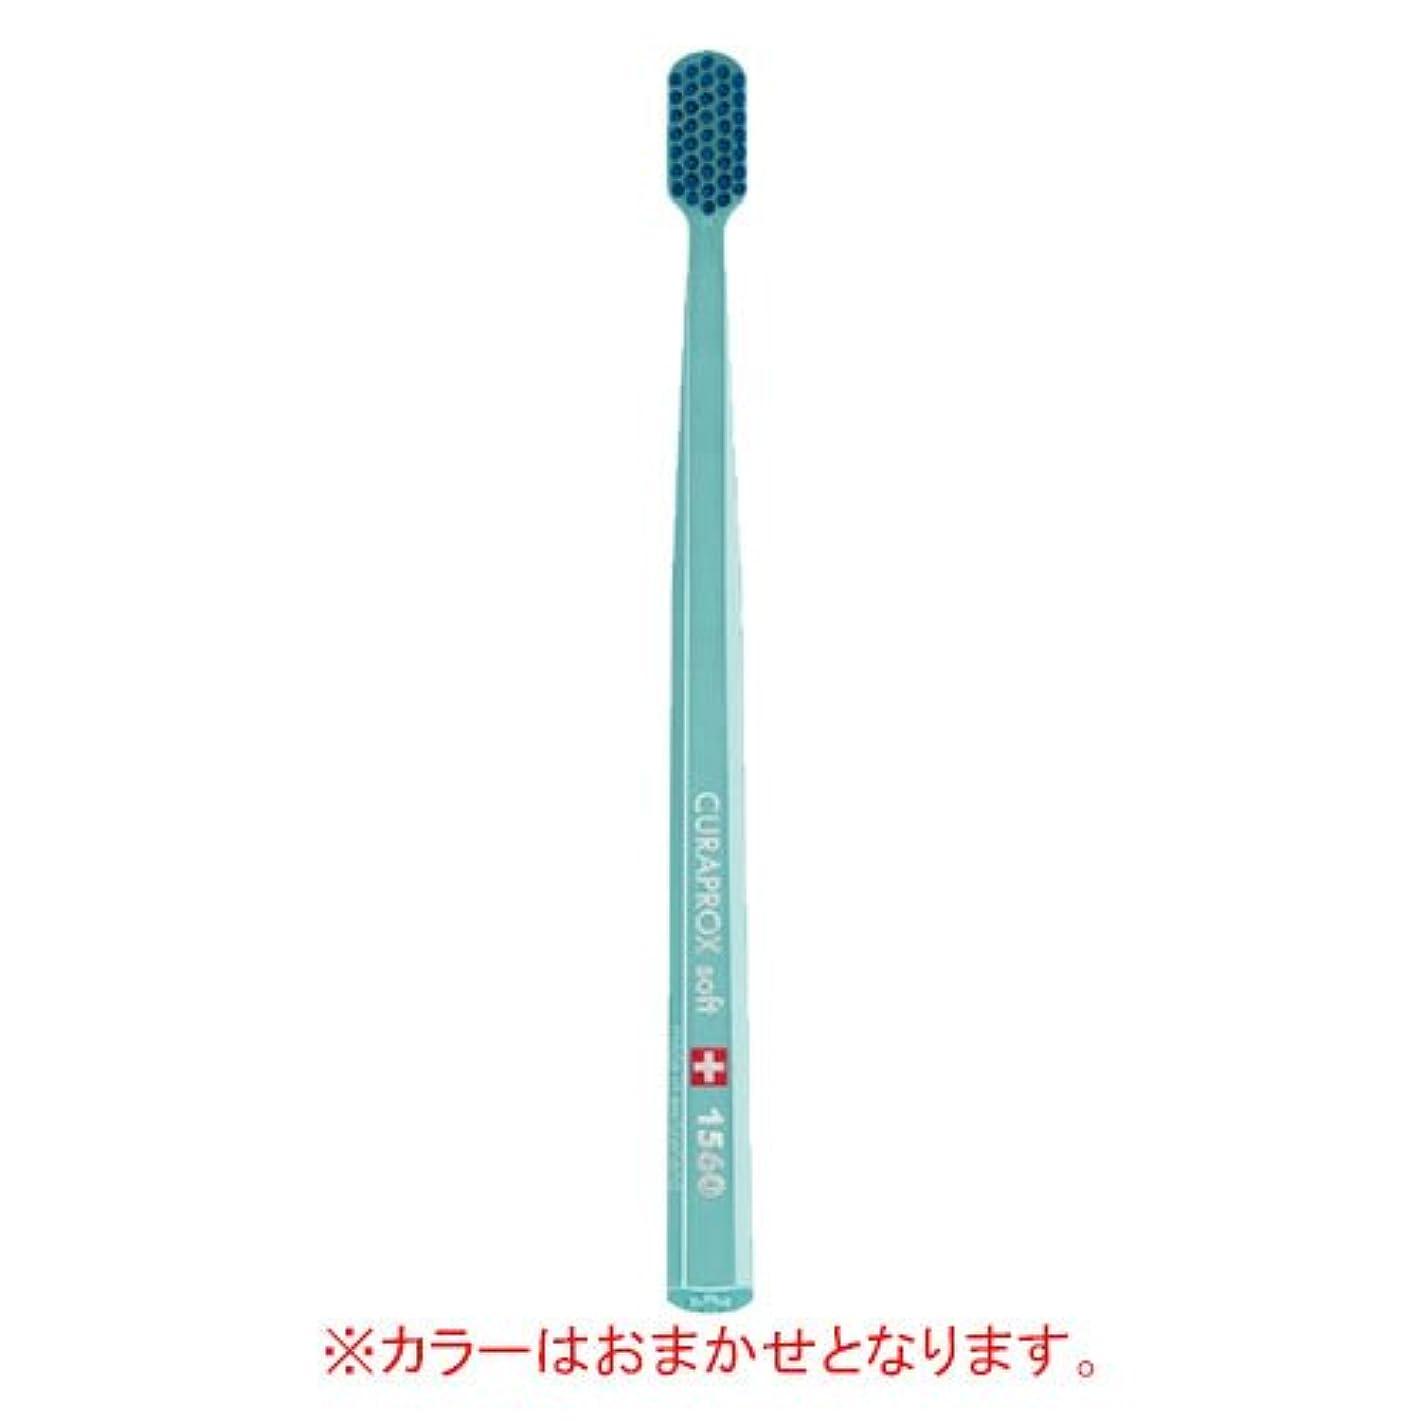 税金ゴミ騒キュラプロックス Curaprox 超極細毛歯ブラシ ソフト CS1560 1本